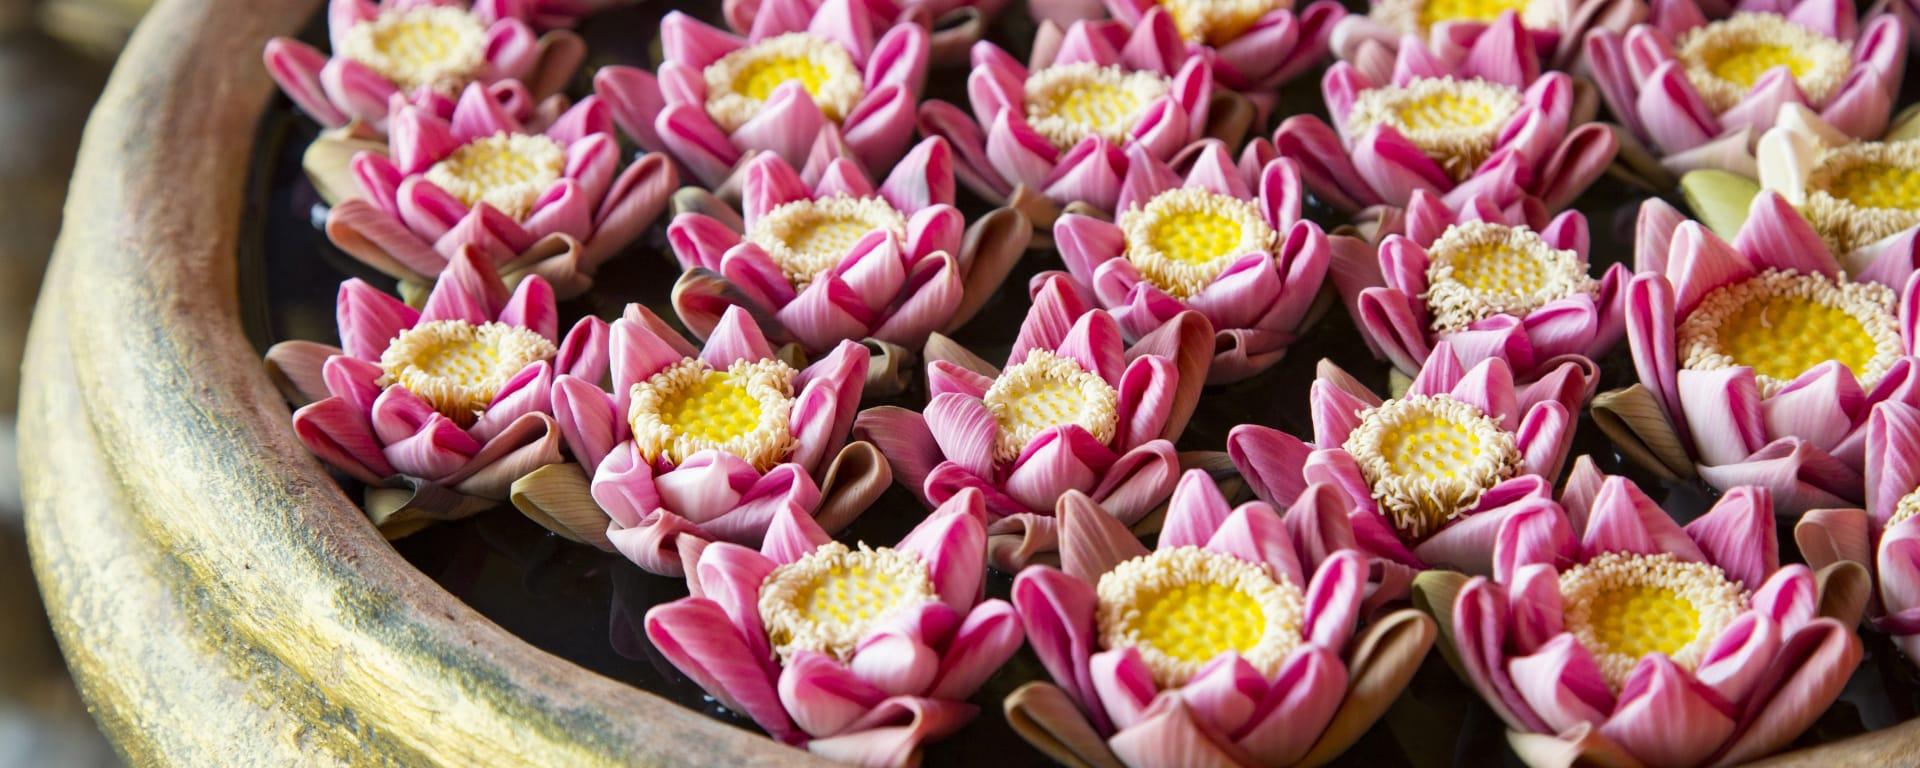 Kambodscha entdecken mit Tischler Reisen: Lotusblumen in Schale